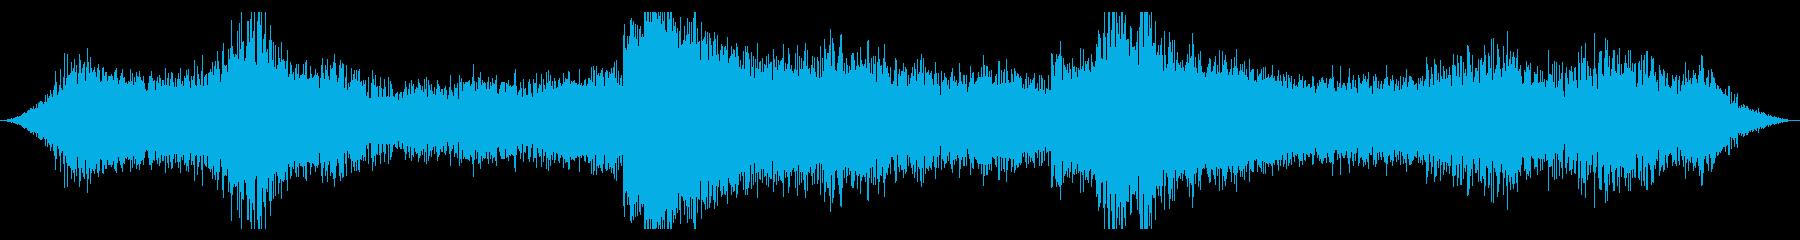 怖いハロウィーンのダンジョン:ハウ...の再生済みの波形